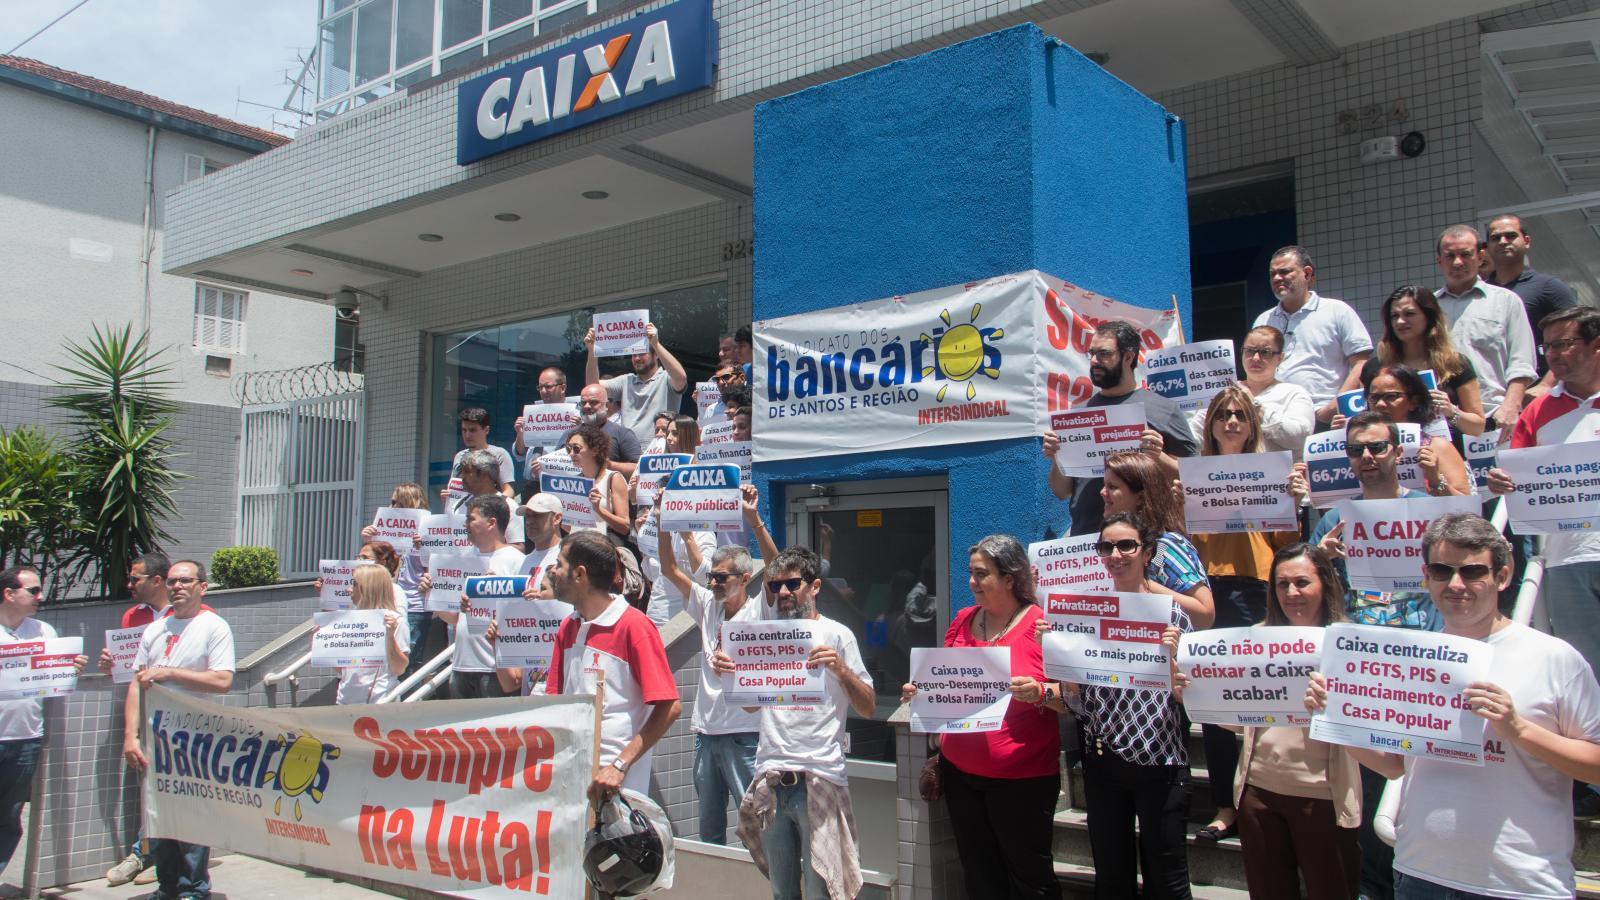 Novo PDVE da CAIXA pode ser anunciado nesta sexta, 23